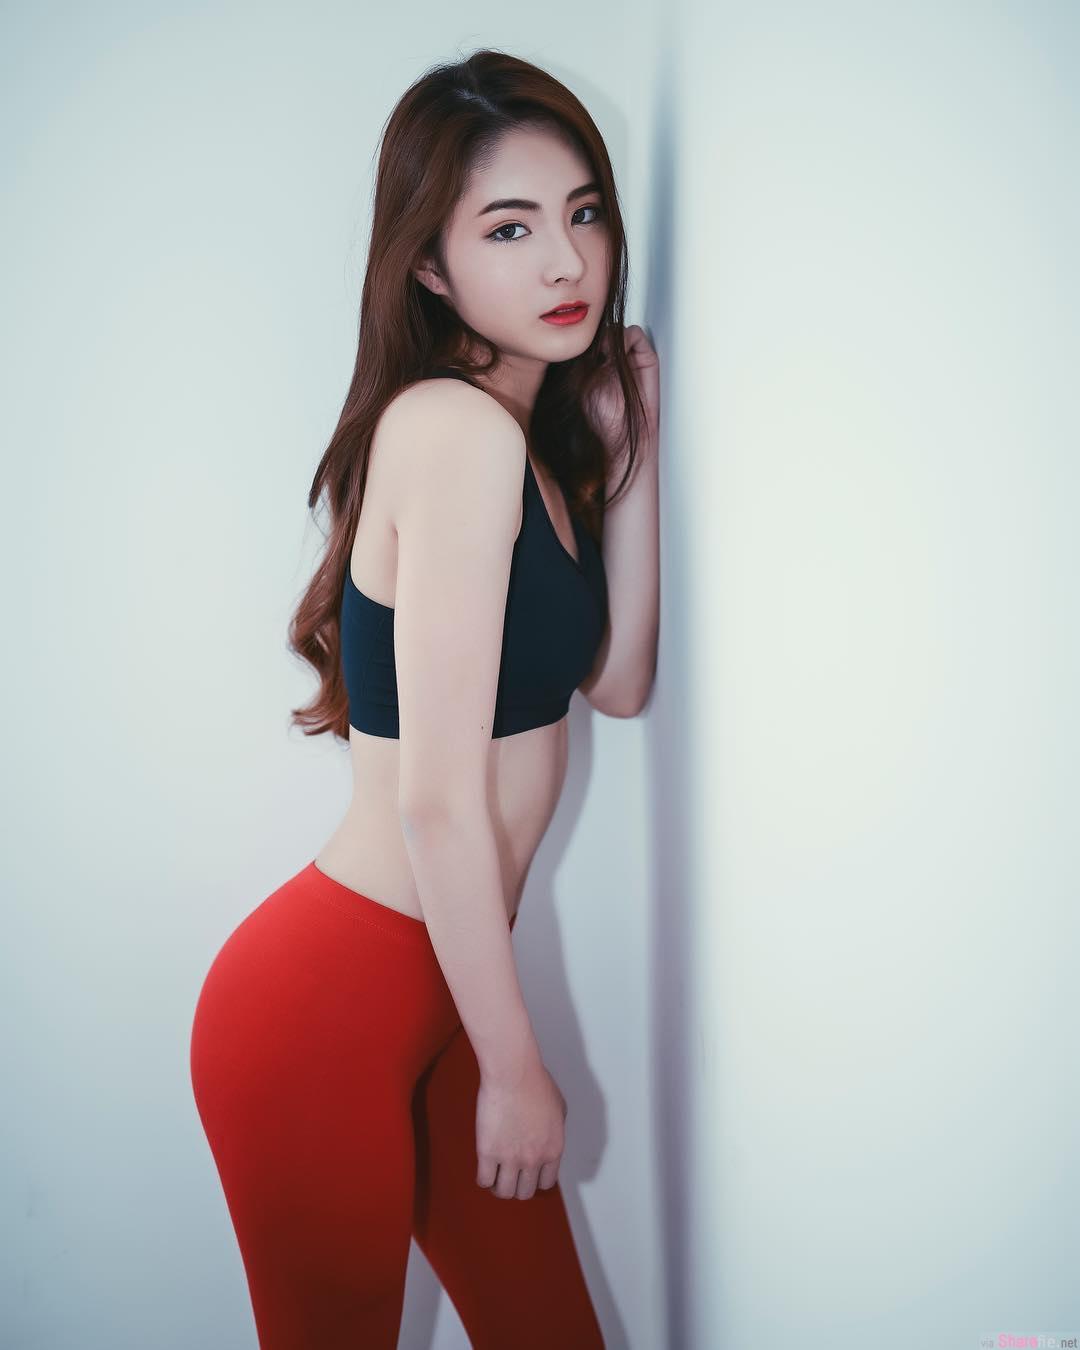 大马正妹林欣妹,性感的让人心跳加速